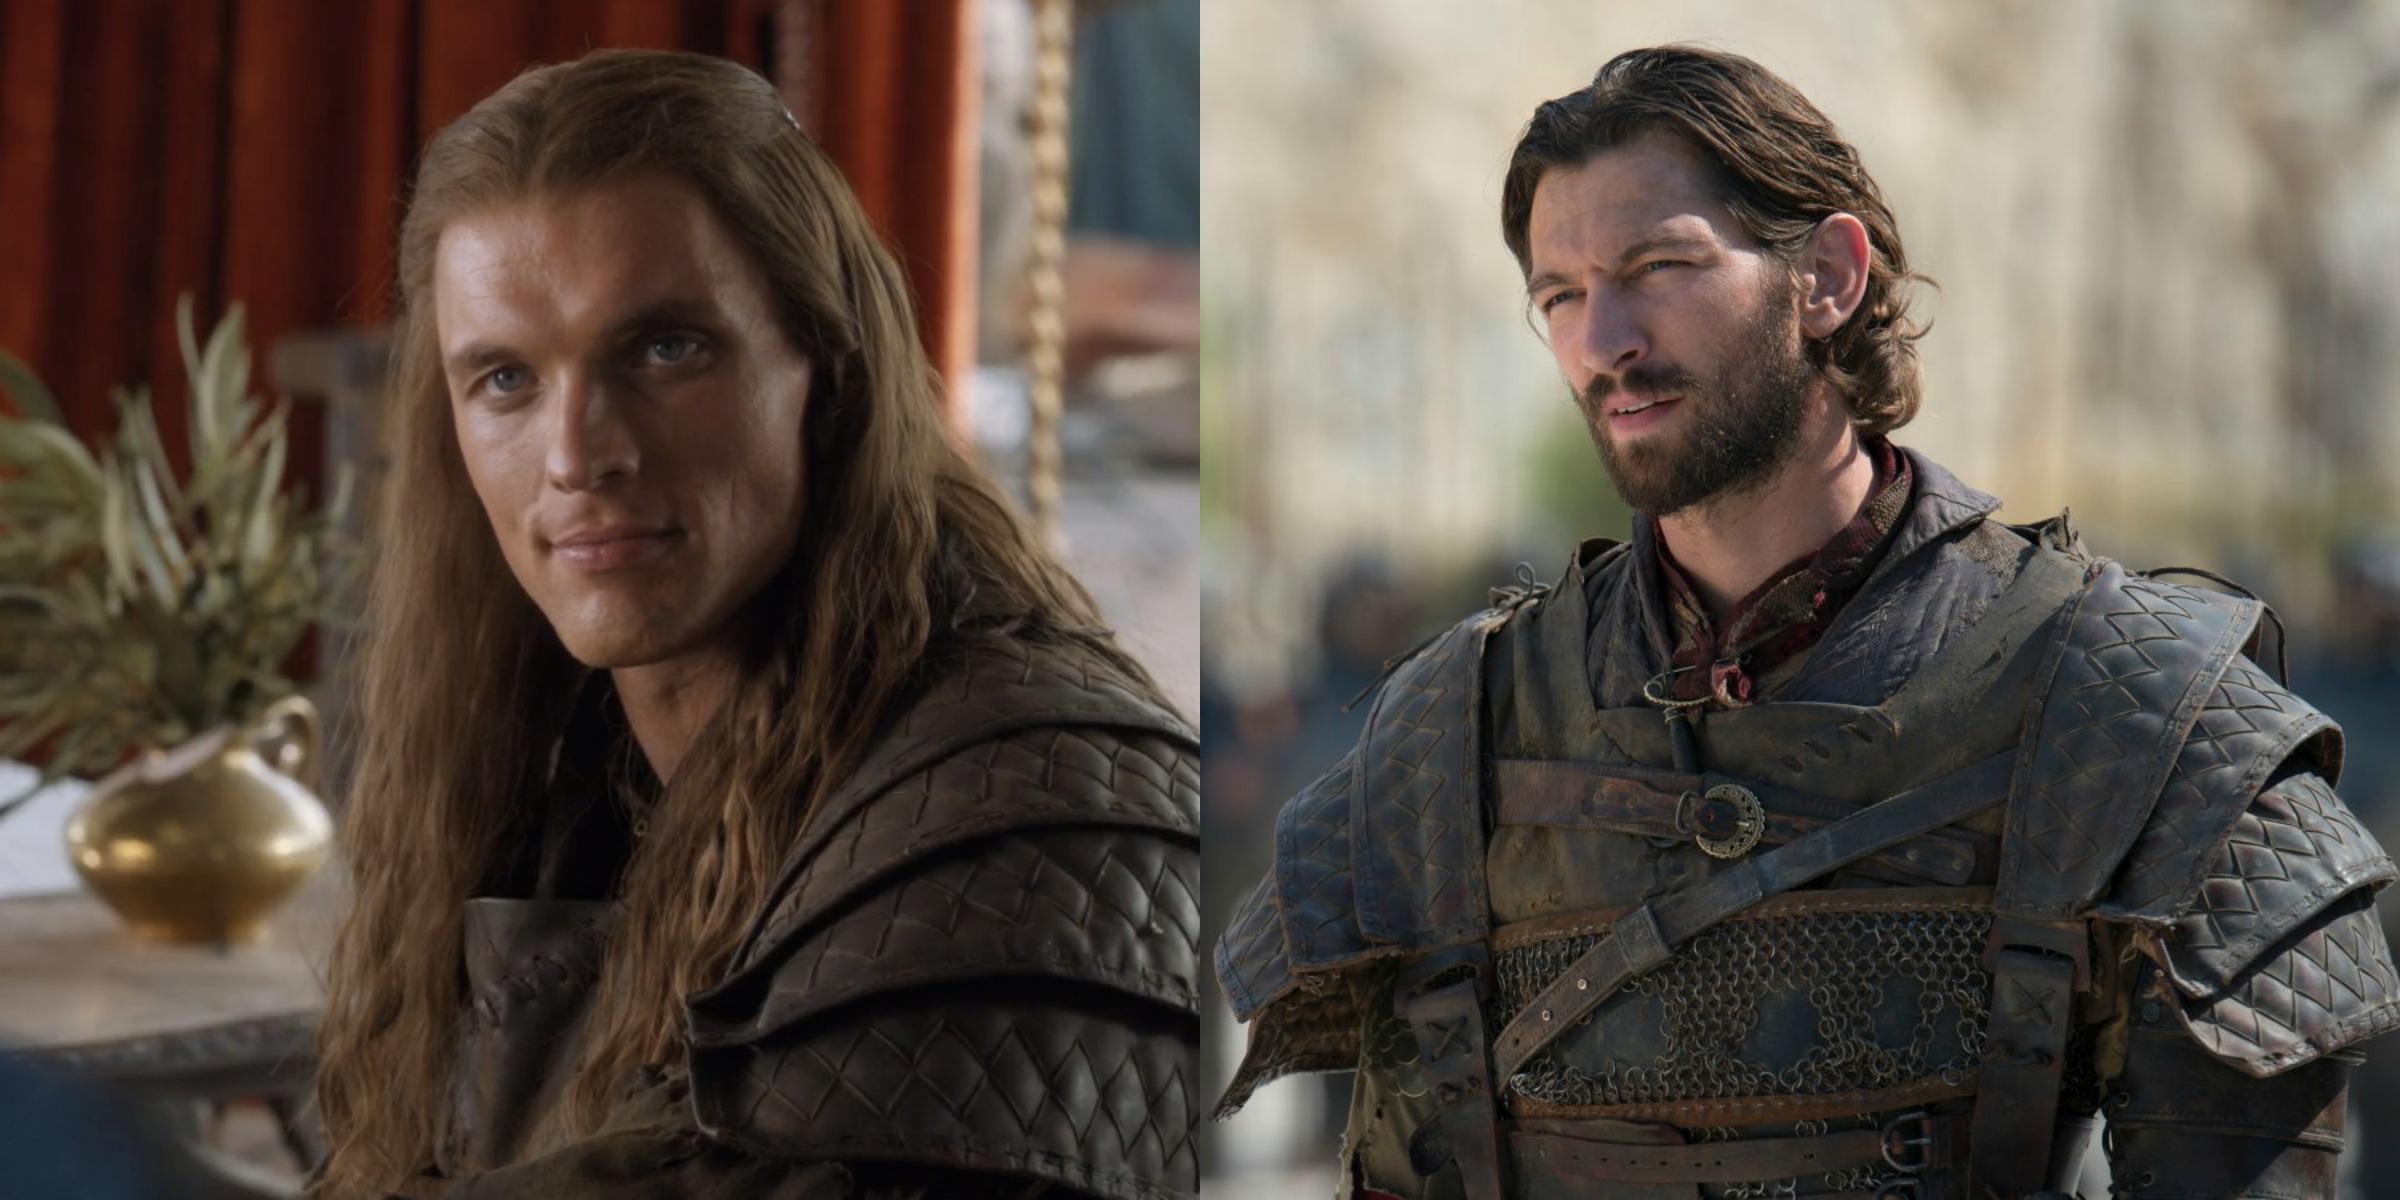 f1f5355fa 8 actores de Game of Thrones que fueron reemplazados - Tomatazos ...